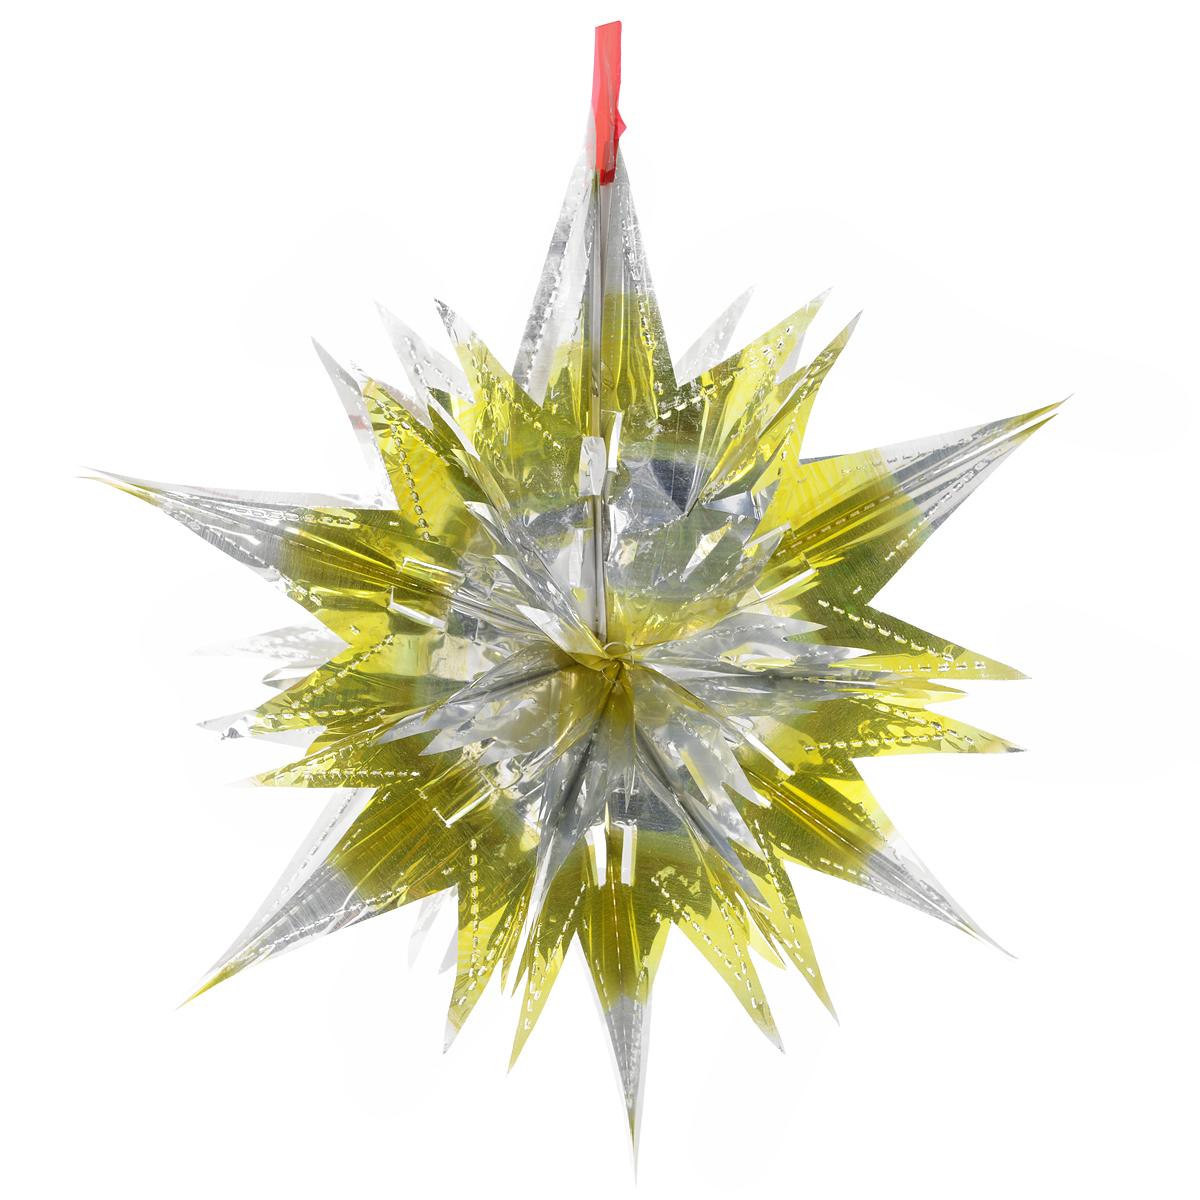 Новогоднее подвесное украшение Звезда, цвет: серебристый, желтый. 2700927009Новогоднее украшение Звезда отлично подойдет для декорации вашего дома и новогодней ели. Украшение выполнено из ПВХ в форме многогранной многоцветной звезды. С помощью специальной петельки звезду можно повесить в любом понравившемся вам месте. Украшение легко складывается и раскладывается благодаря металлическим кольцам. Новогодние украшения несут в себе волшебство и красоту праздника. Они помогут вам украсить дом к предстоящим праздникам и оживить интерьер по вашему вкусу. Создайте в доме атмосферу тепла, веселья и радости, украшая его всей семьей. Коллекция декоративных украшений из серии Magic Time принесет в ваш дом ни с чем не сравнимое ощущение волшебства! Размер украшения (в сложенном виде): 25 см х 21,5 см.